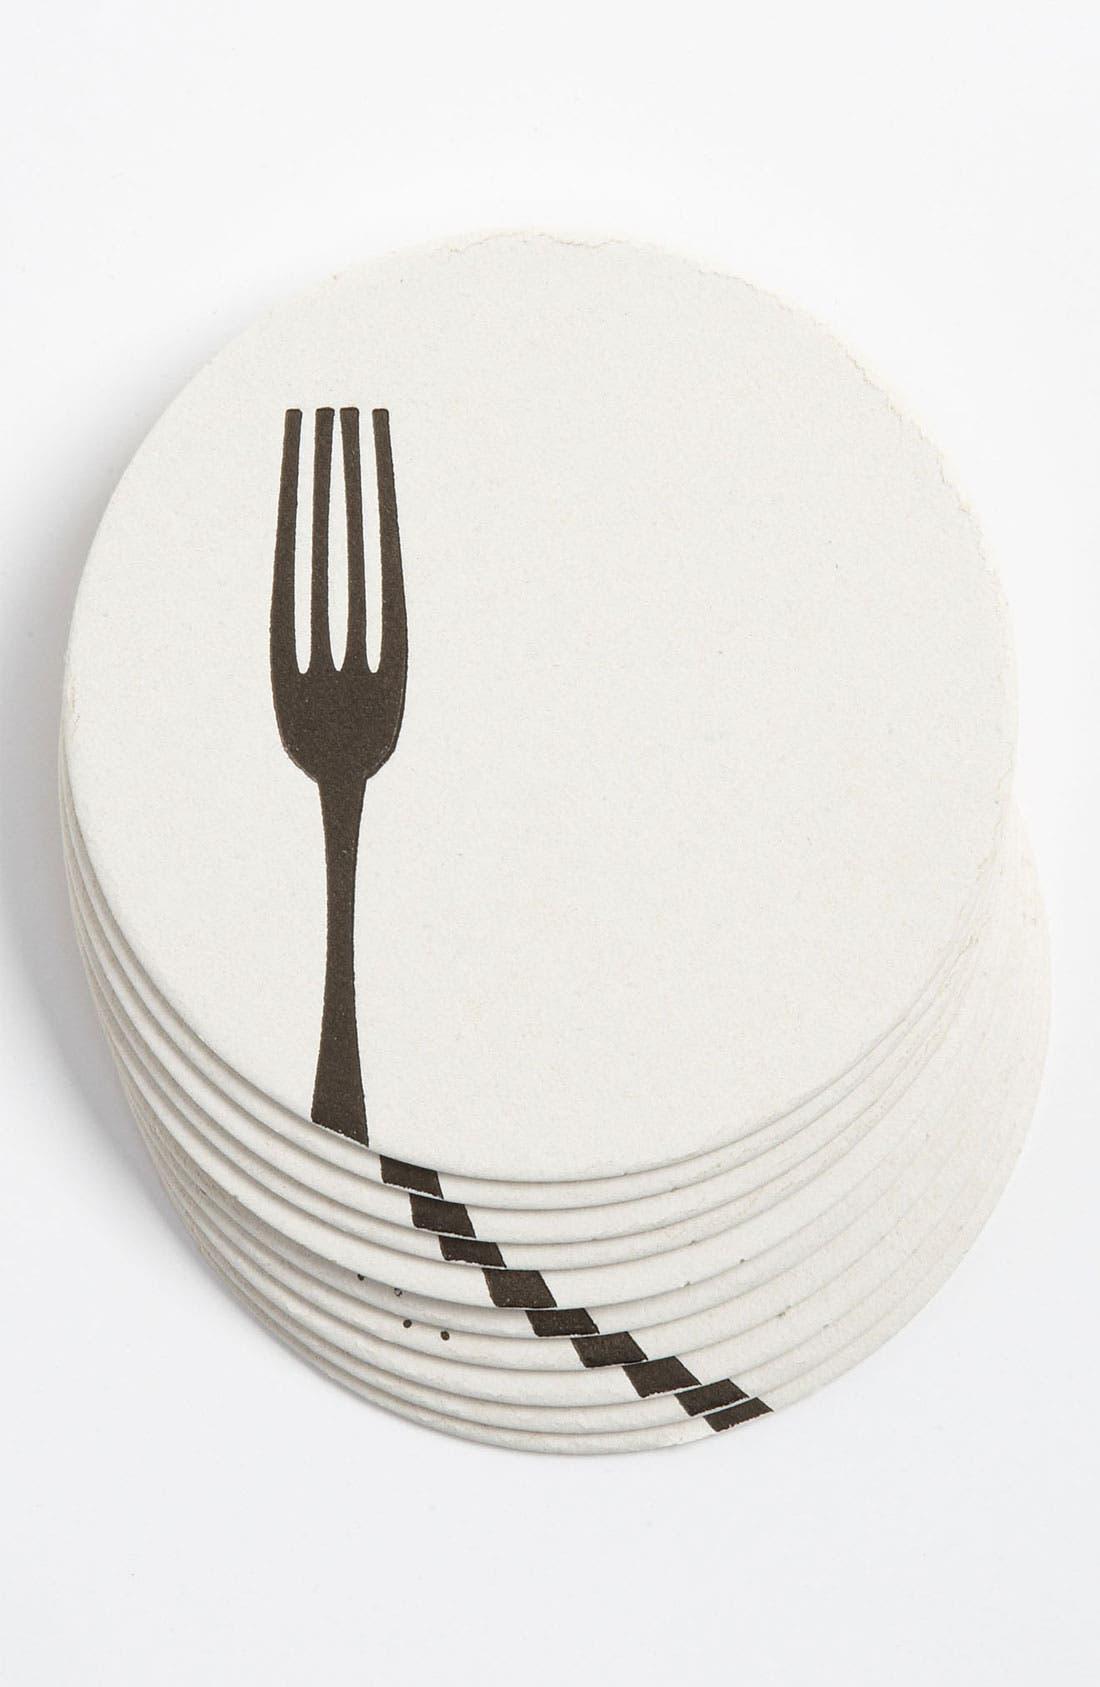 Main Image - 'Dinner Fork' Letterpress Coasters (Set of 10)